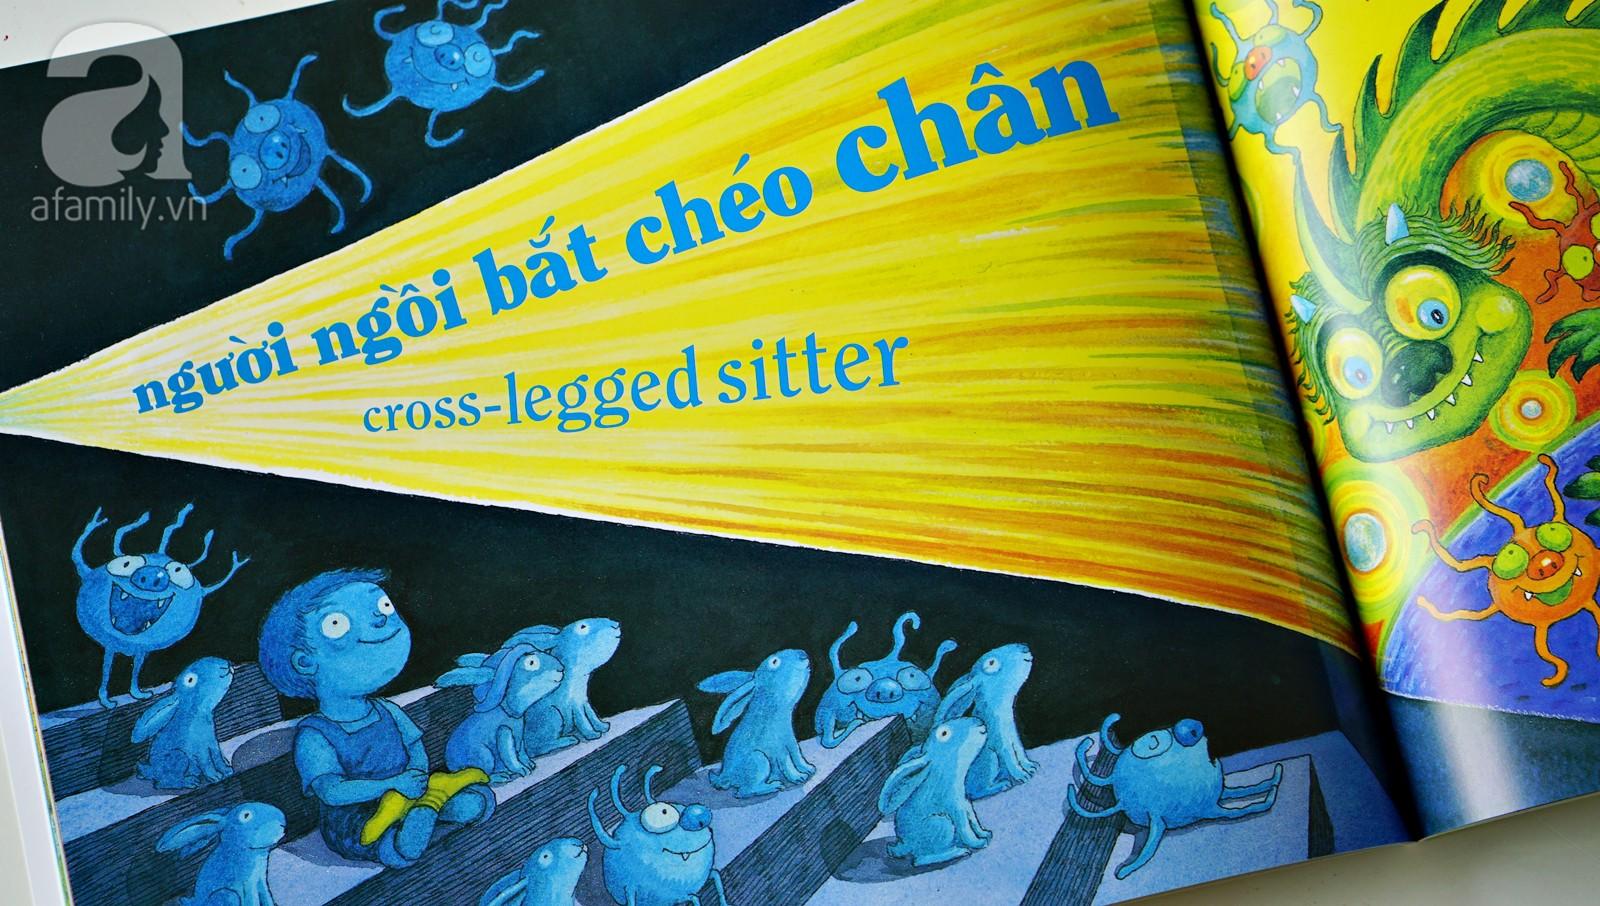 Muốn con học siêu tiếng Anh từ nhỏ, bố mẹ không thể bỏ qua những cuốn sách song ngữ này! - Ảnh 4.